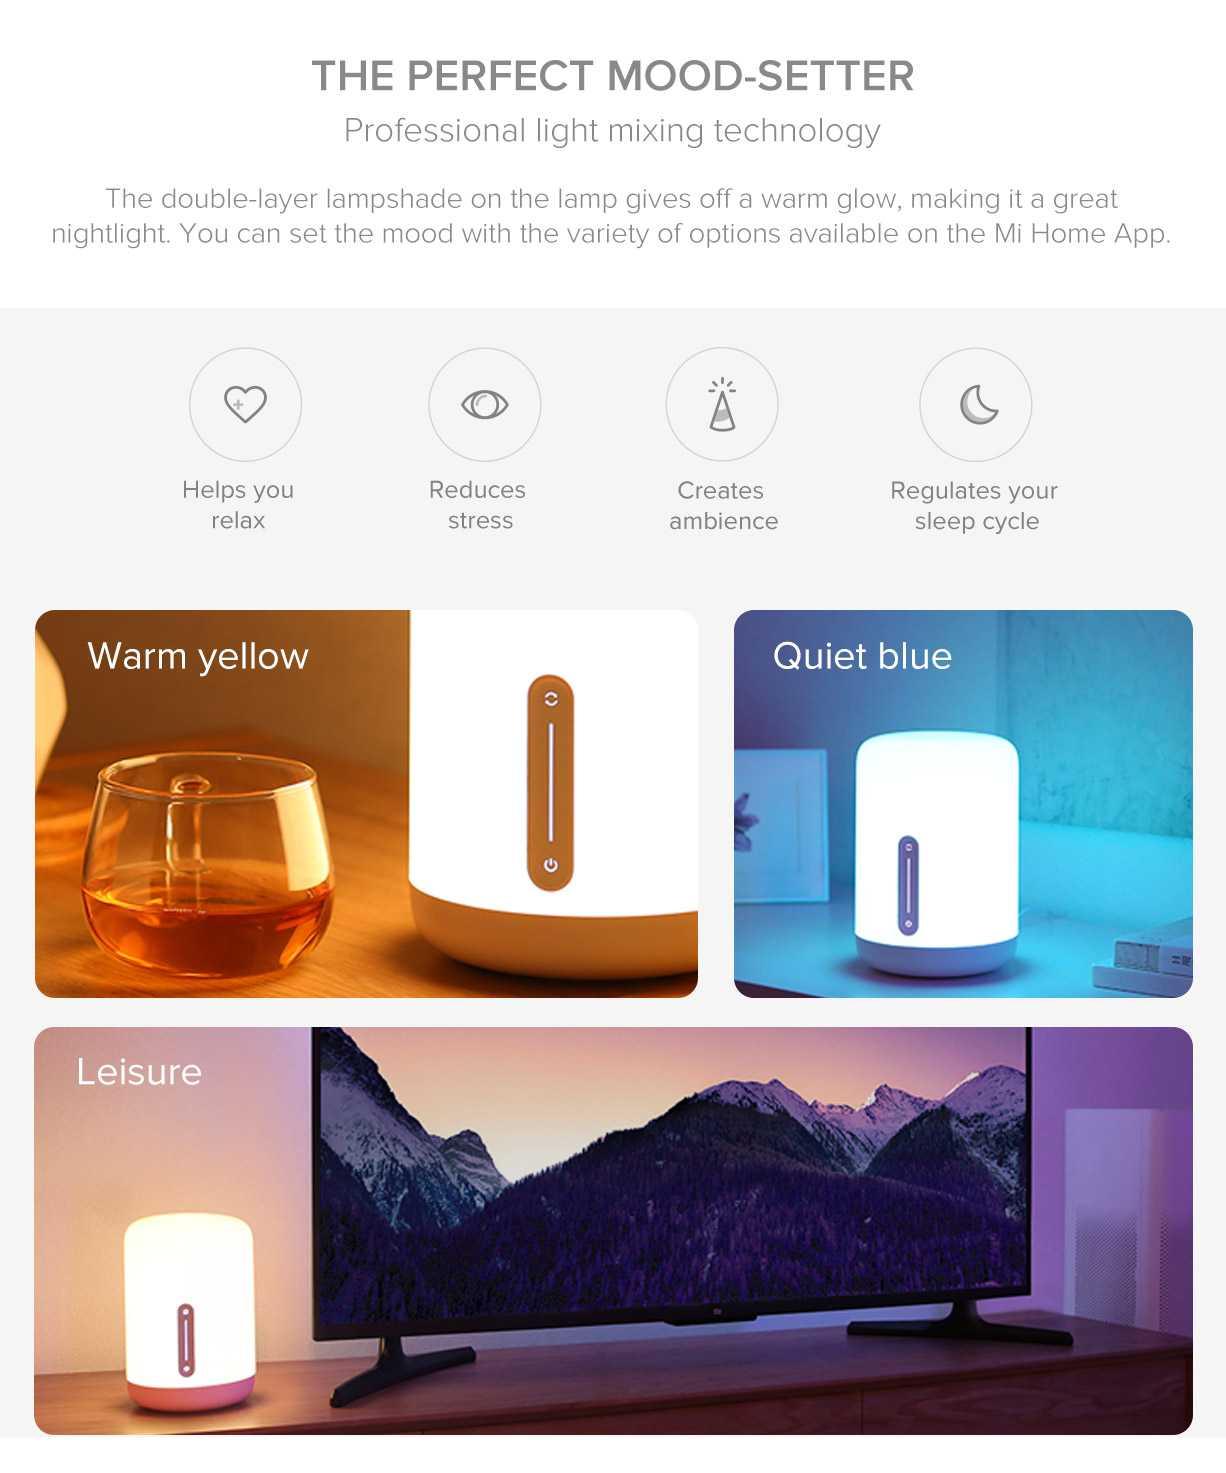 Лидар в новом ipad pro оказался даже бесполезнее, чем мы думали